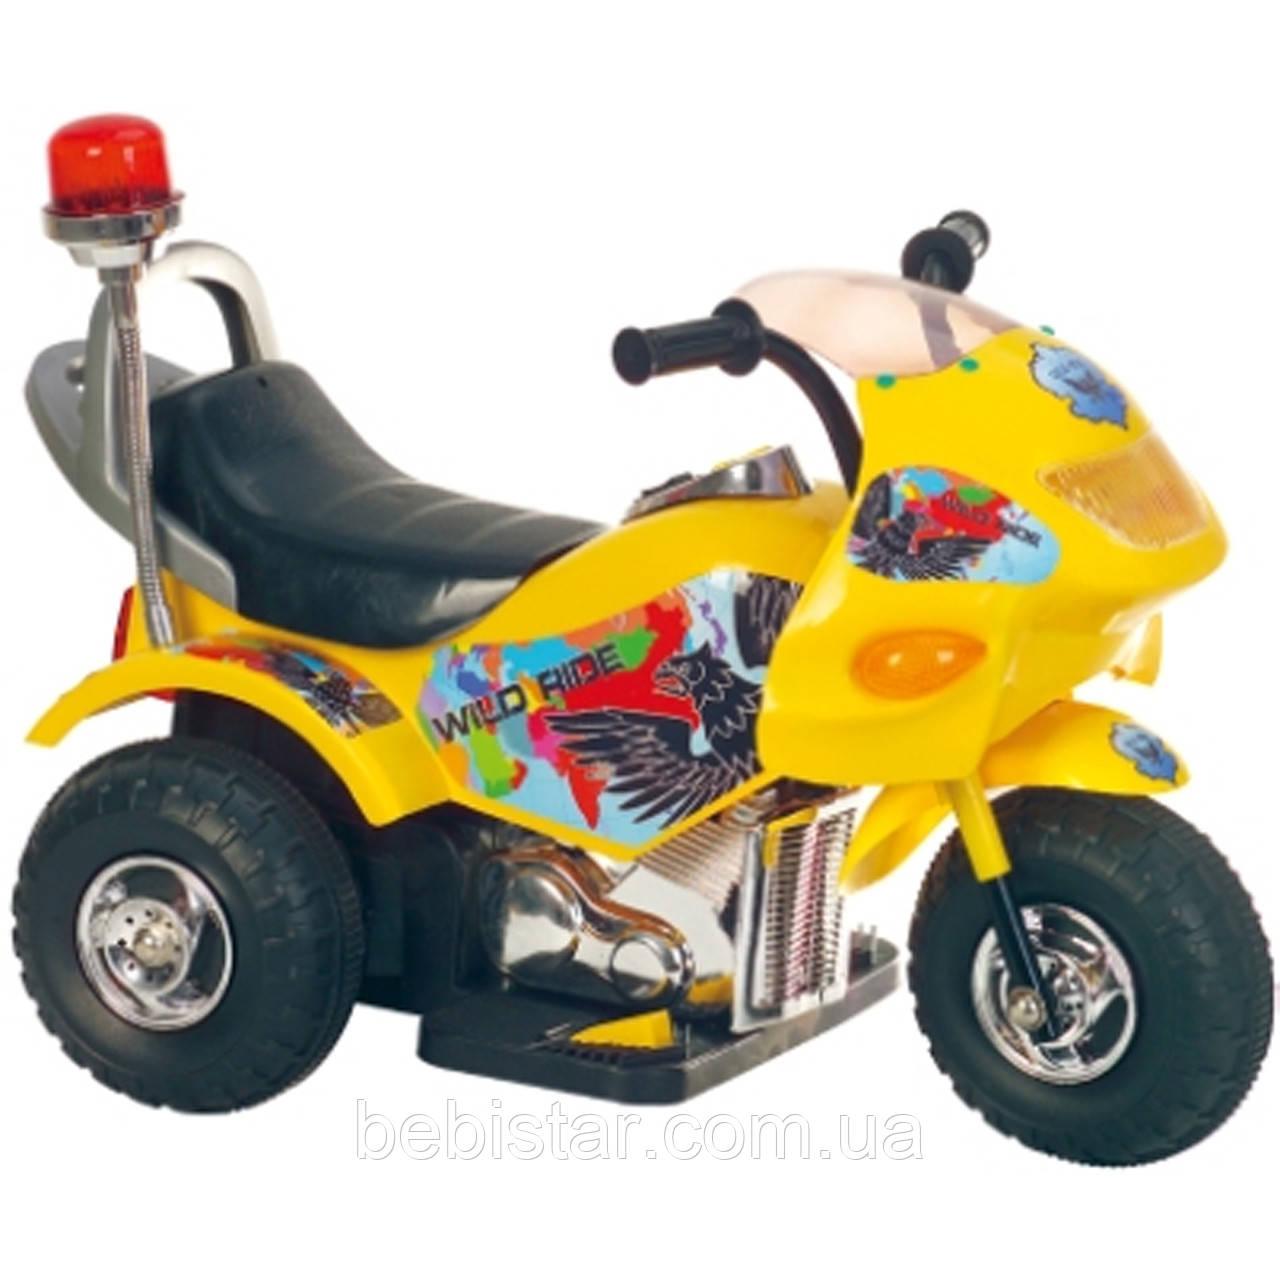 Детский электромобиль-трицикл желтый Т-721 деткам 2-5 лет